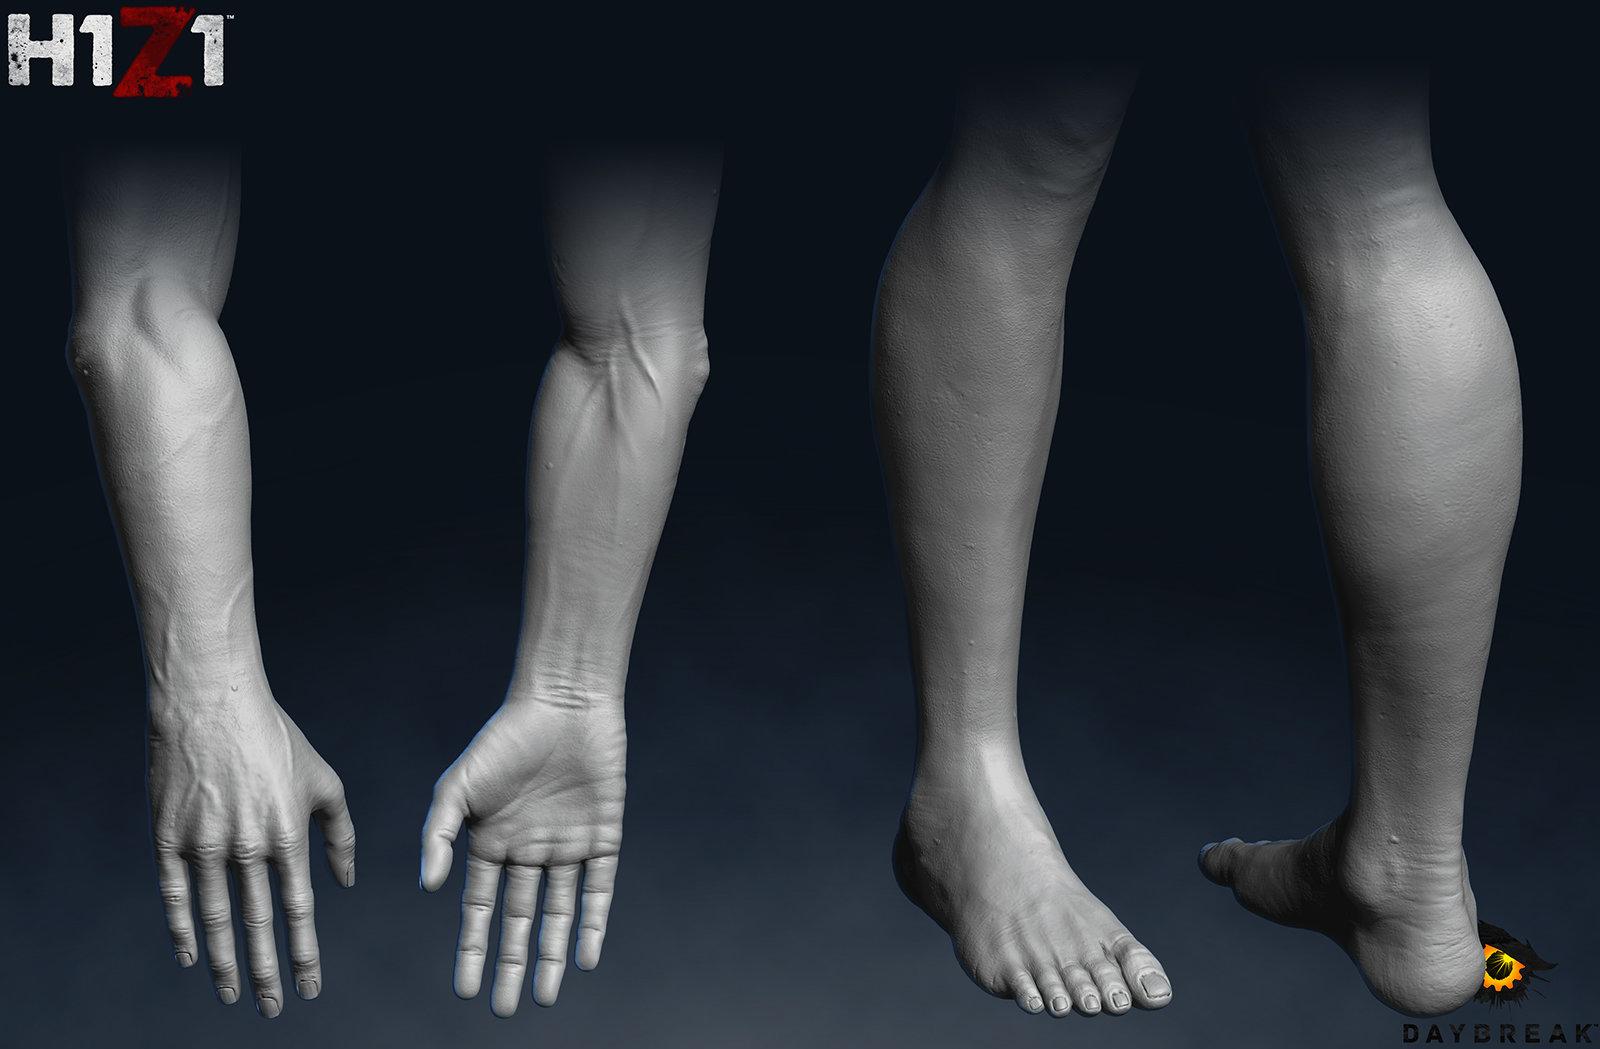 Satoshi arakawa male arms legs